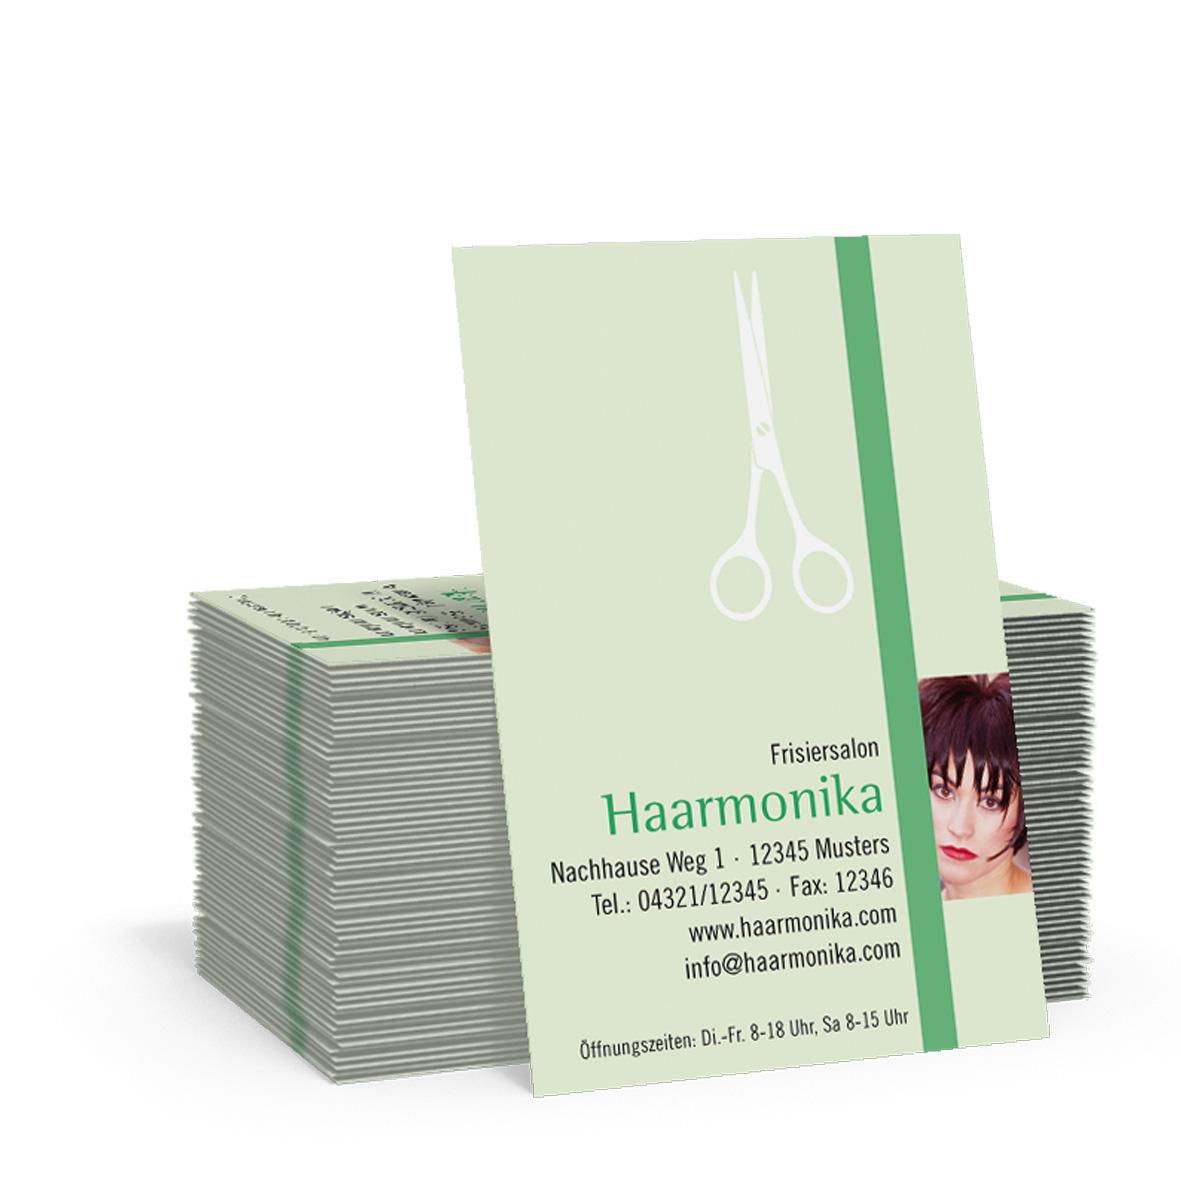 Pythagoras Marketing Gmbh Geschäftskarte Friseur Geschenkgutscheine Visitenkarten Kundenkarten Und Weitere Treuesysteme